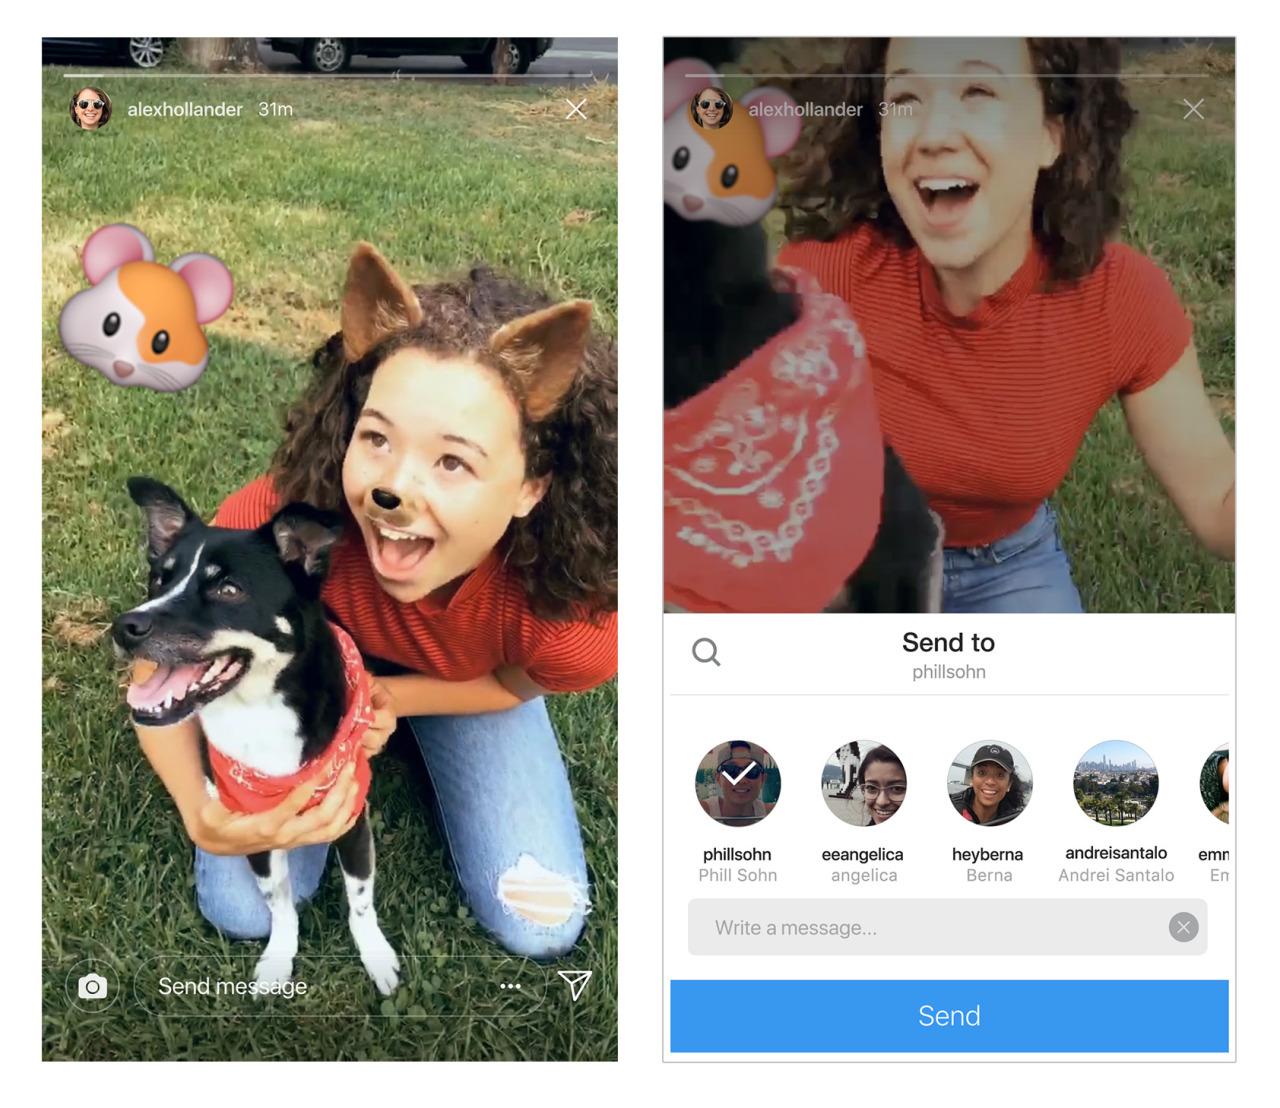 Compartilhando Instagram Stories via Direct